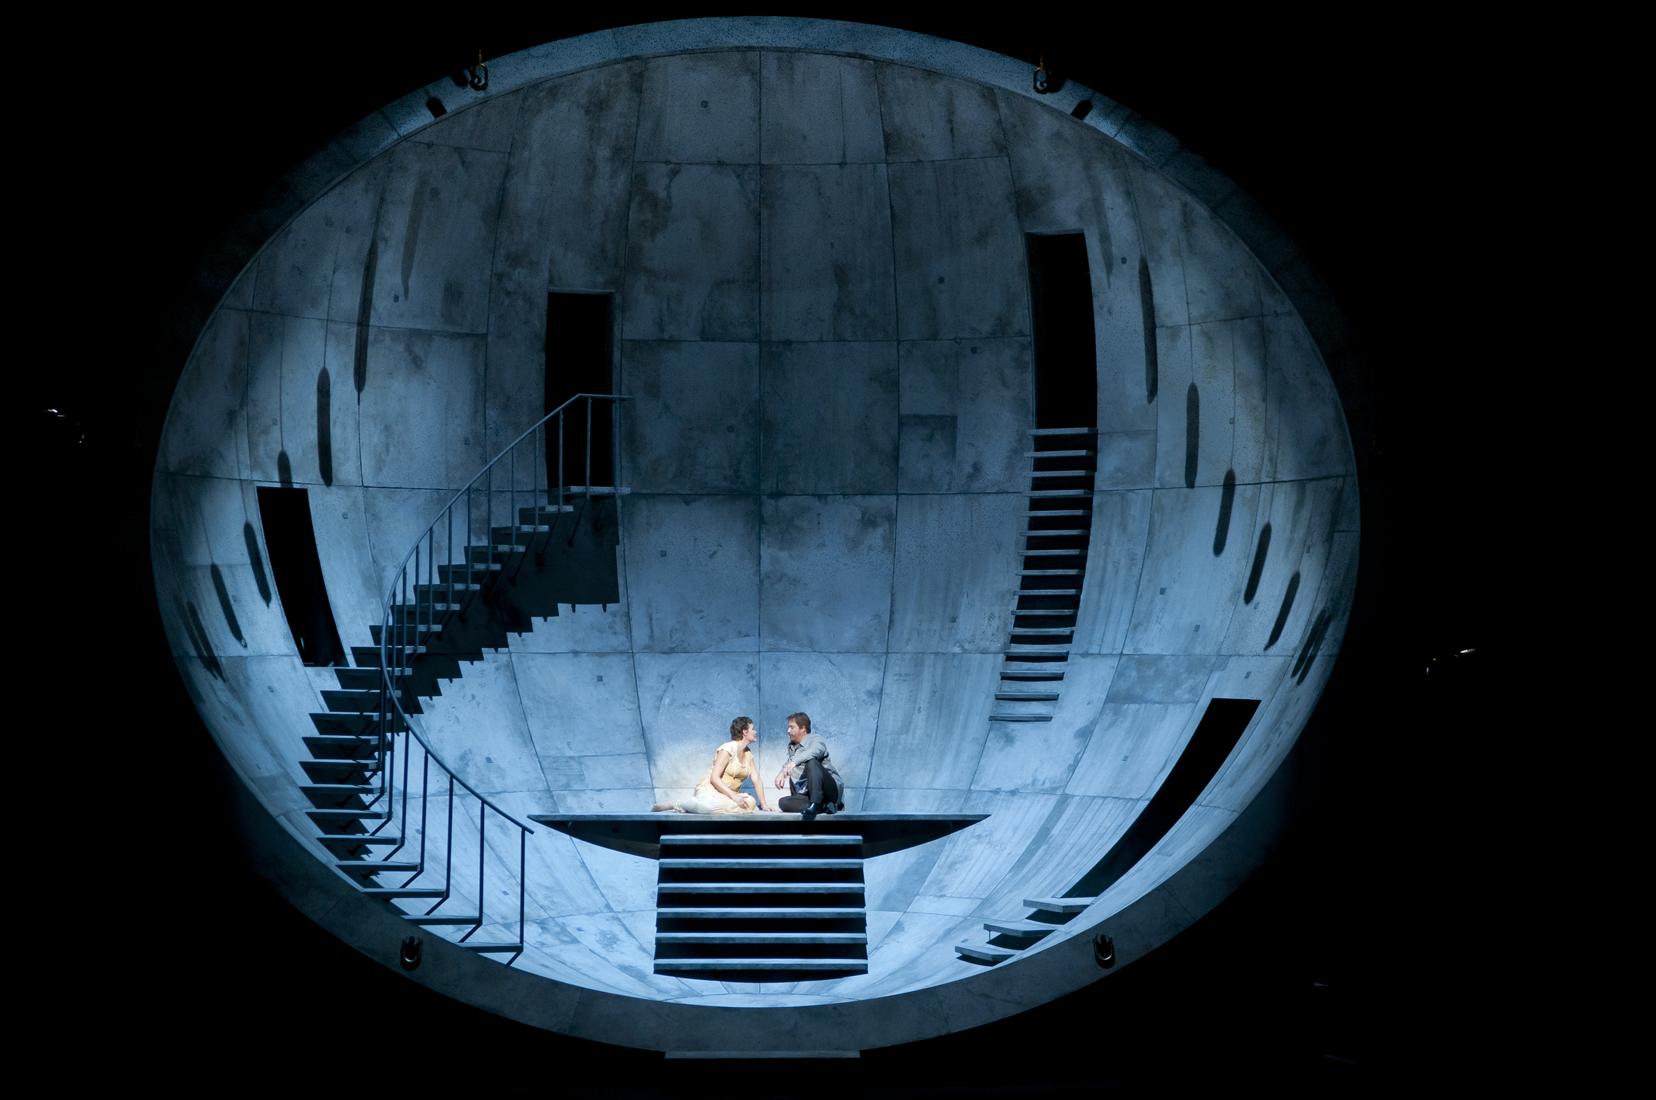 Conferència A L'entorn De 'Tristan Und Isolde'